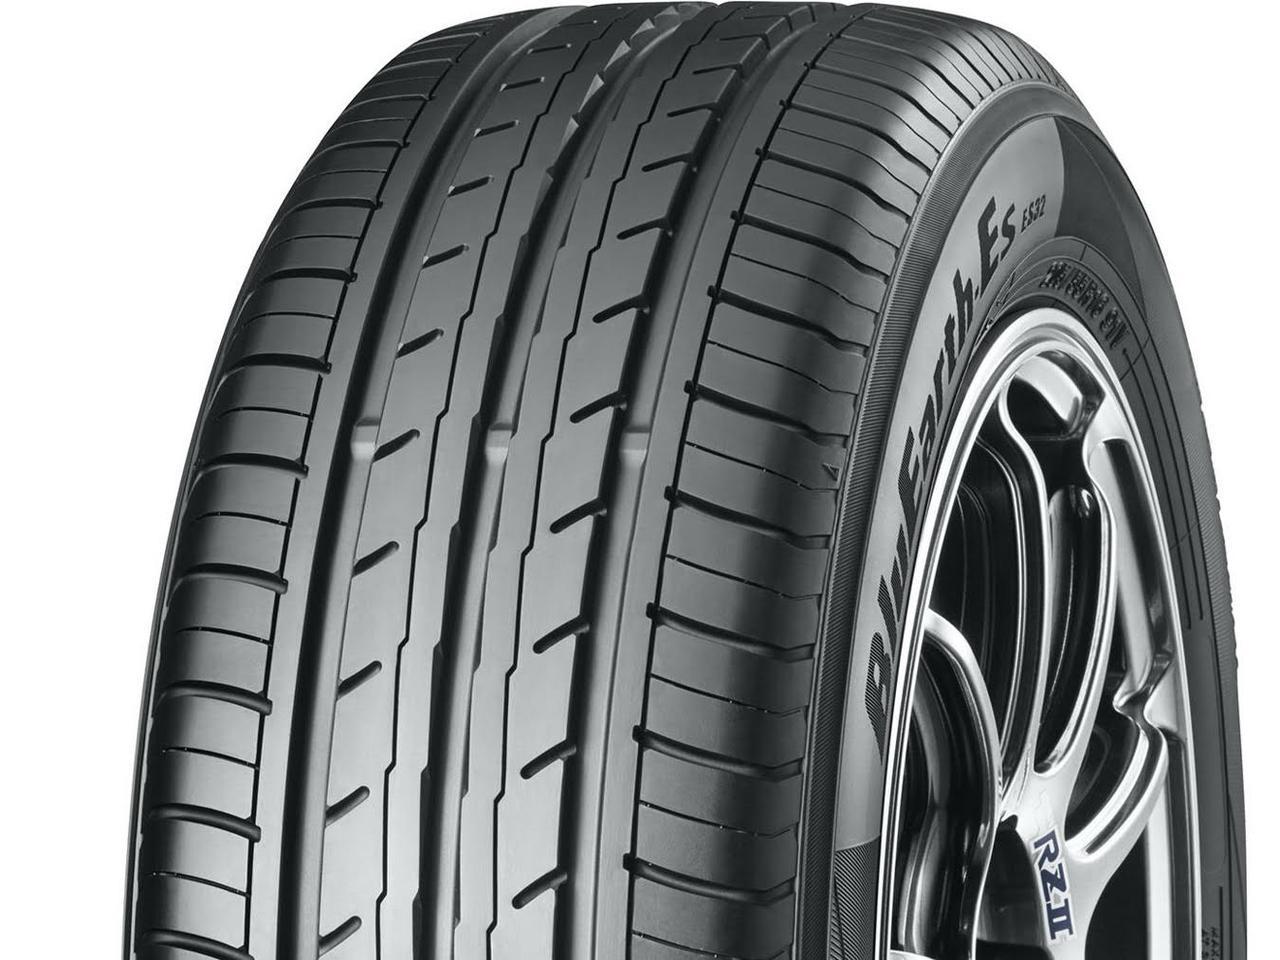 ヨコハマタイヤ「BluEarth-Es ES32」登場。低燃費性と経済性に優れた新スタンダードタイヤ